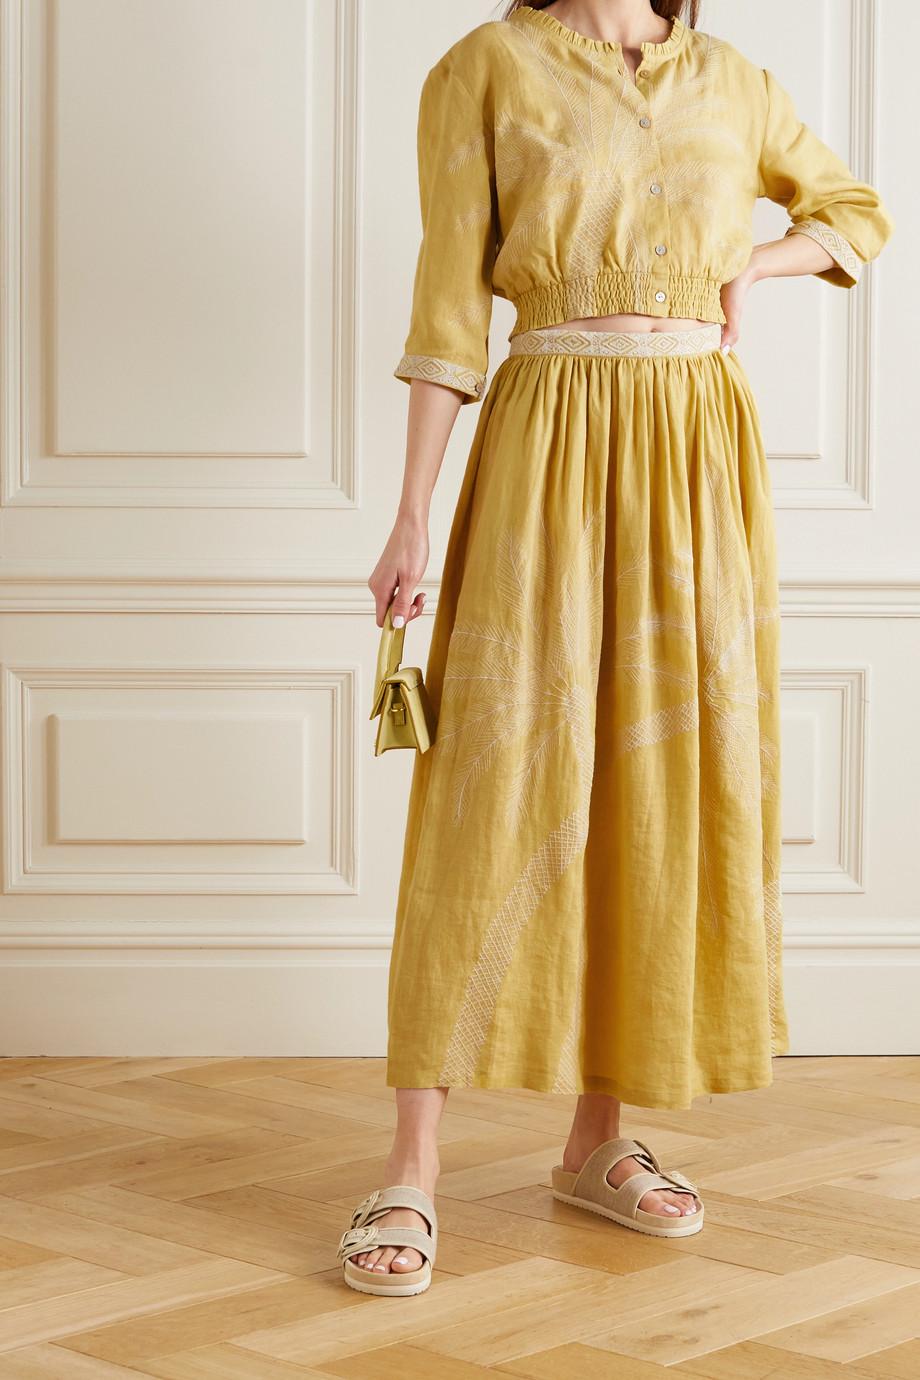 Le Sirenuse Positano Jane pleated embroidered linen skirt